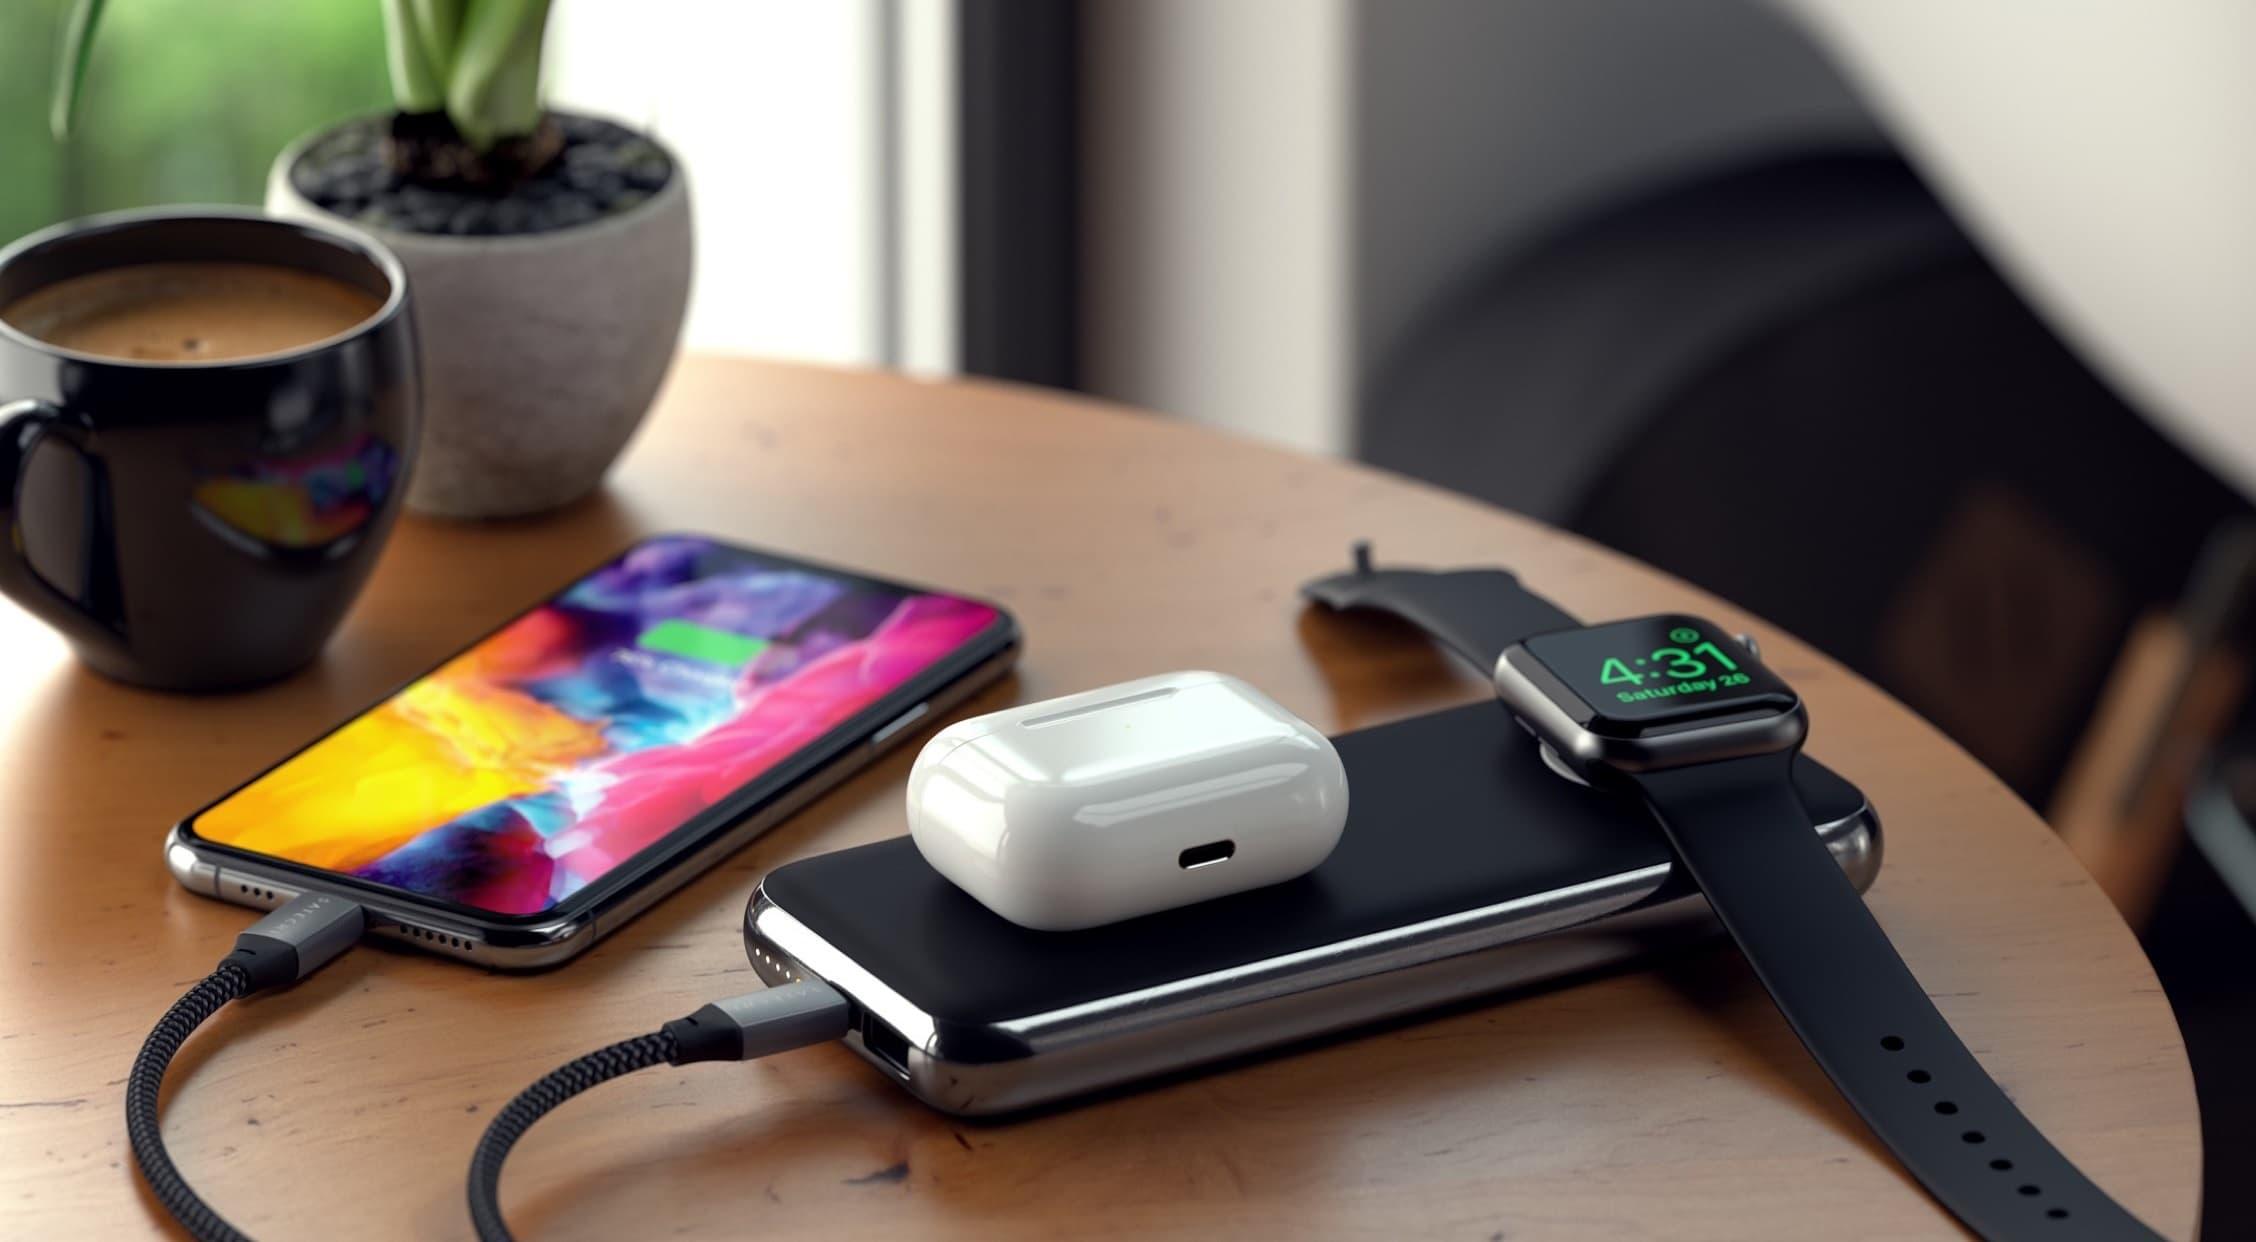 Satechi Quatro Wireless Power B